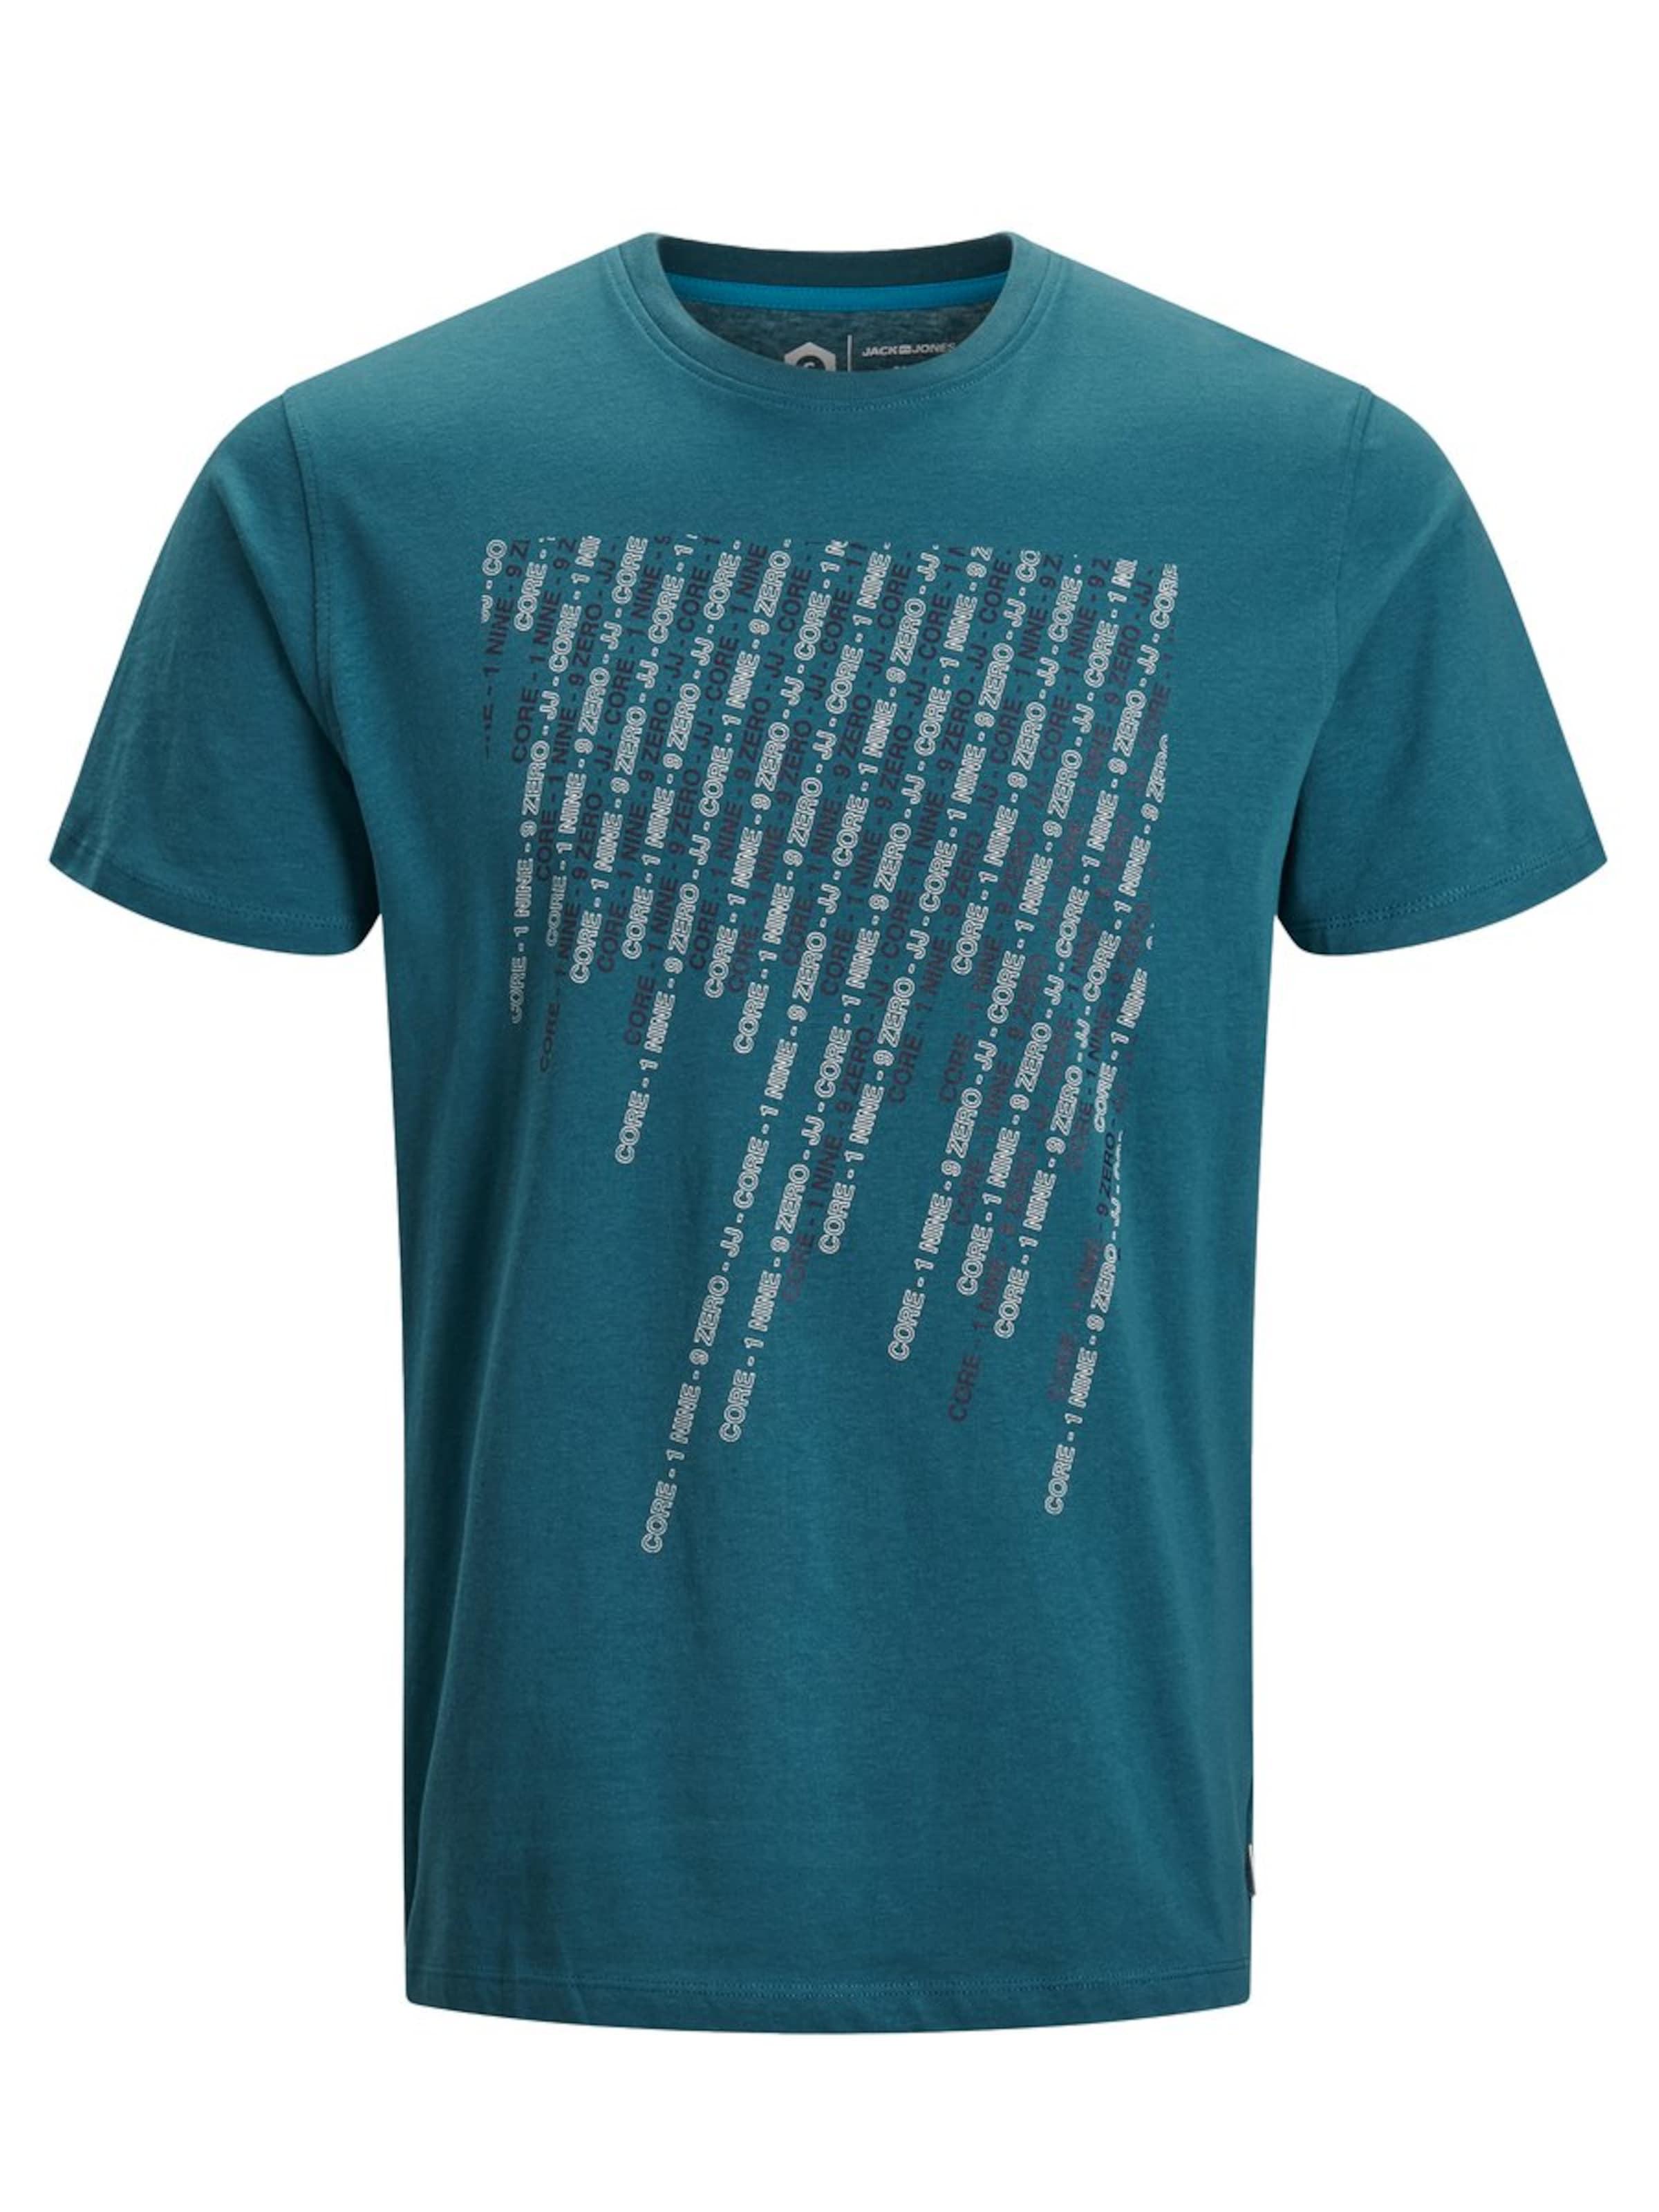 In T Weiß TürkisSchwarz Jackamp; shirt Jones KlJTF13c